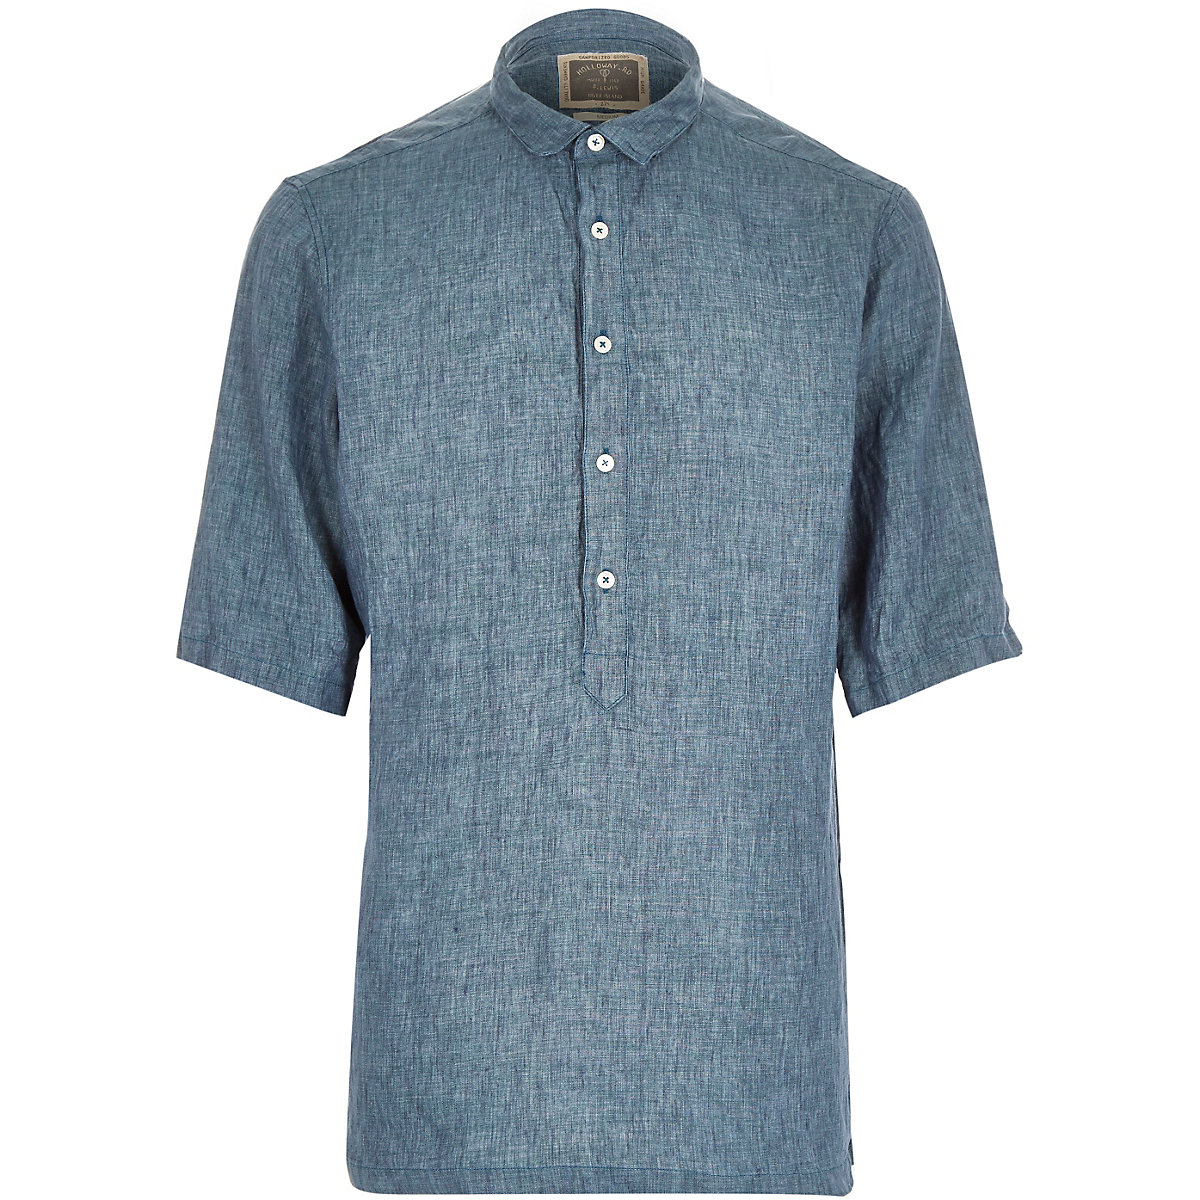 Green Holloway Road linen shirt